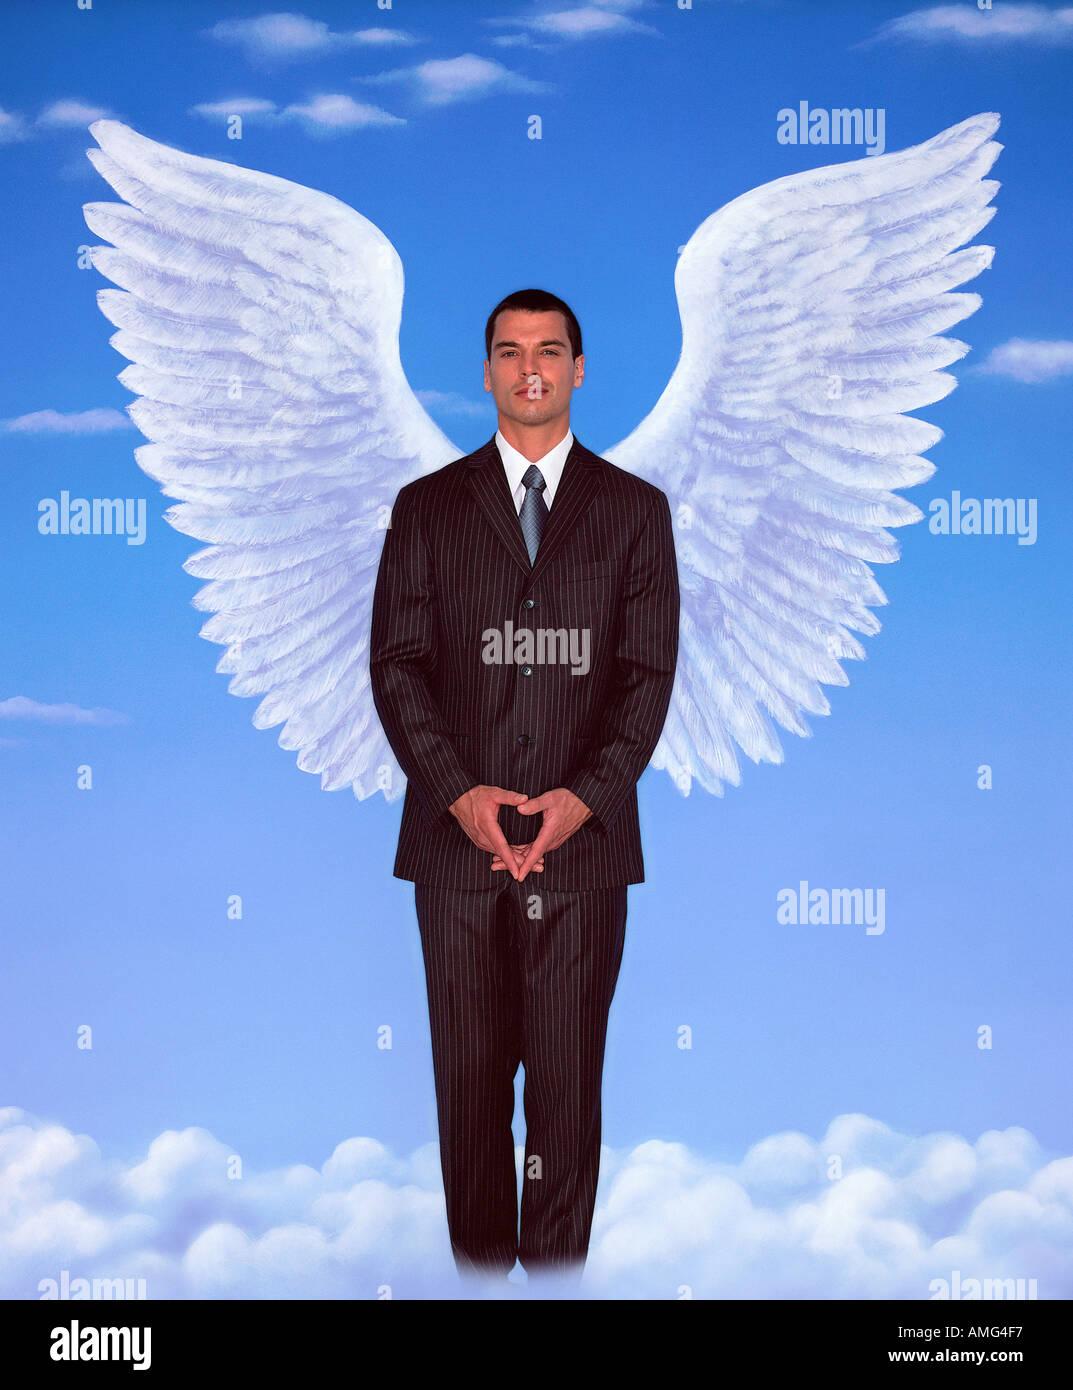 Un retrato del joven en un traje de negocios y alas contra el cielo azul Imagen De Stock